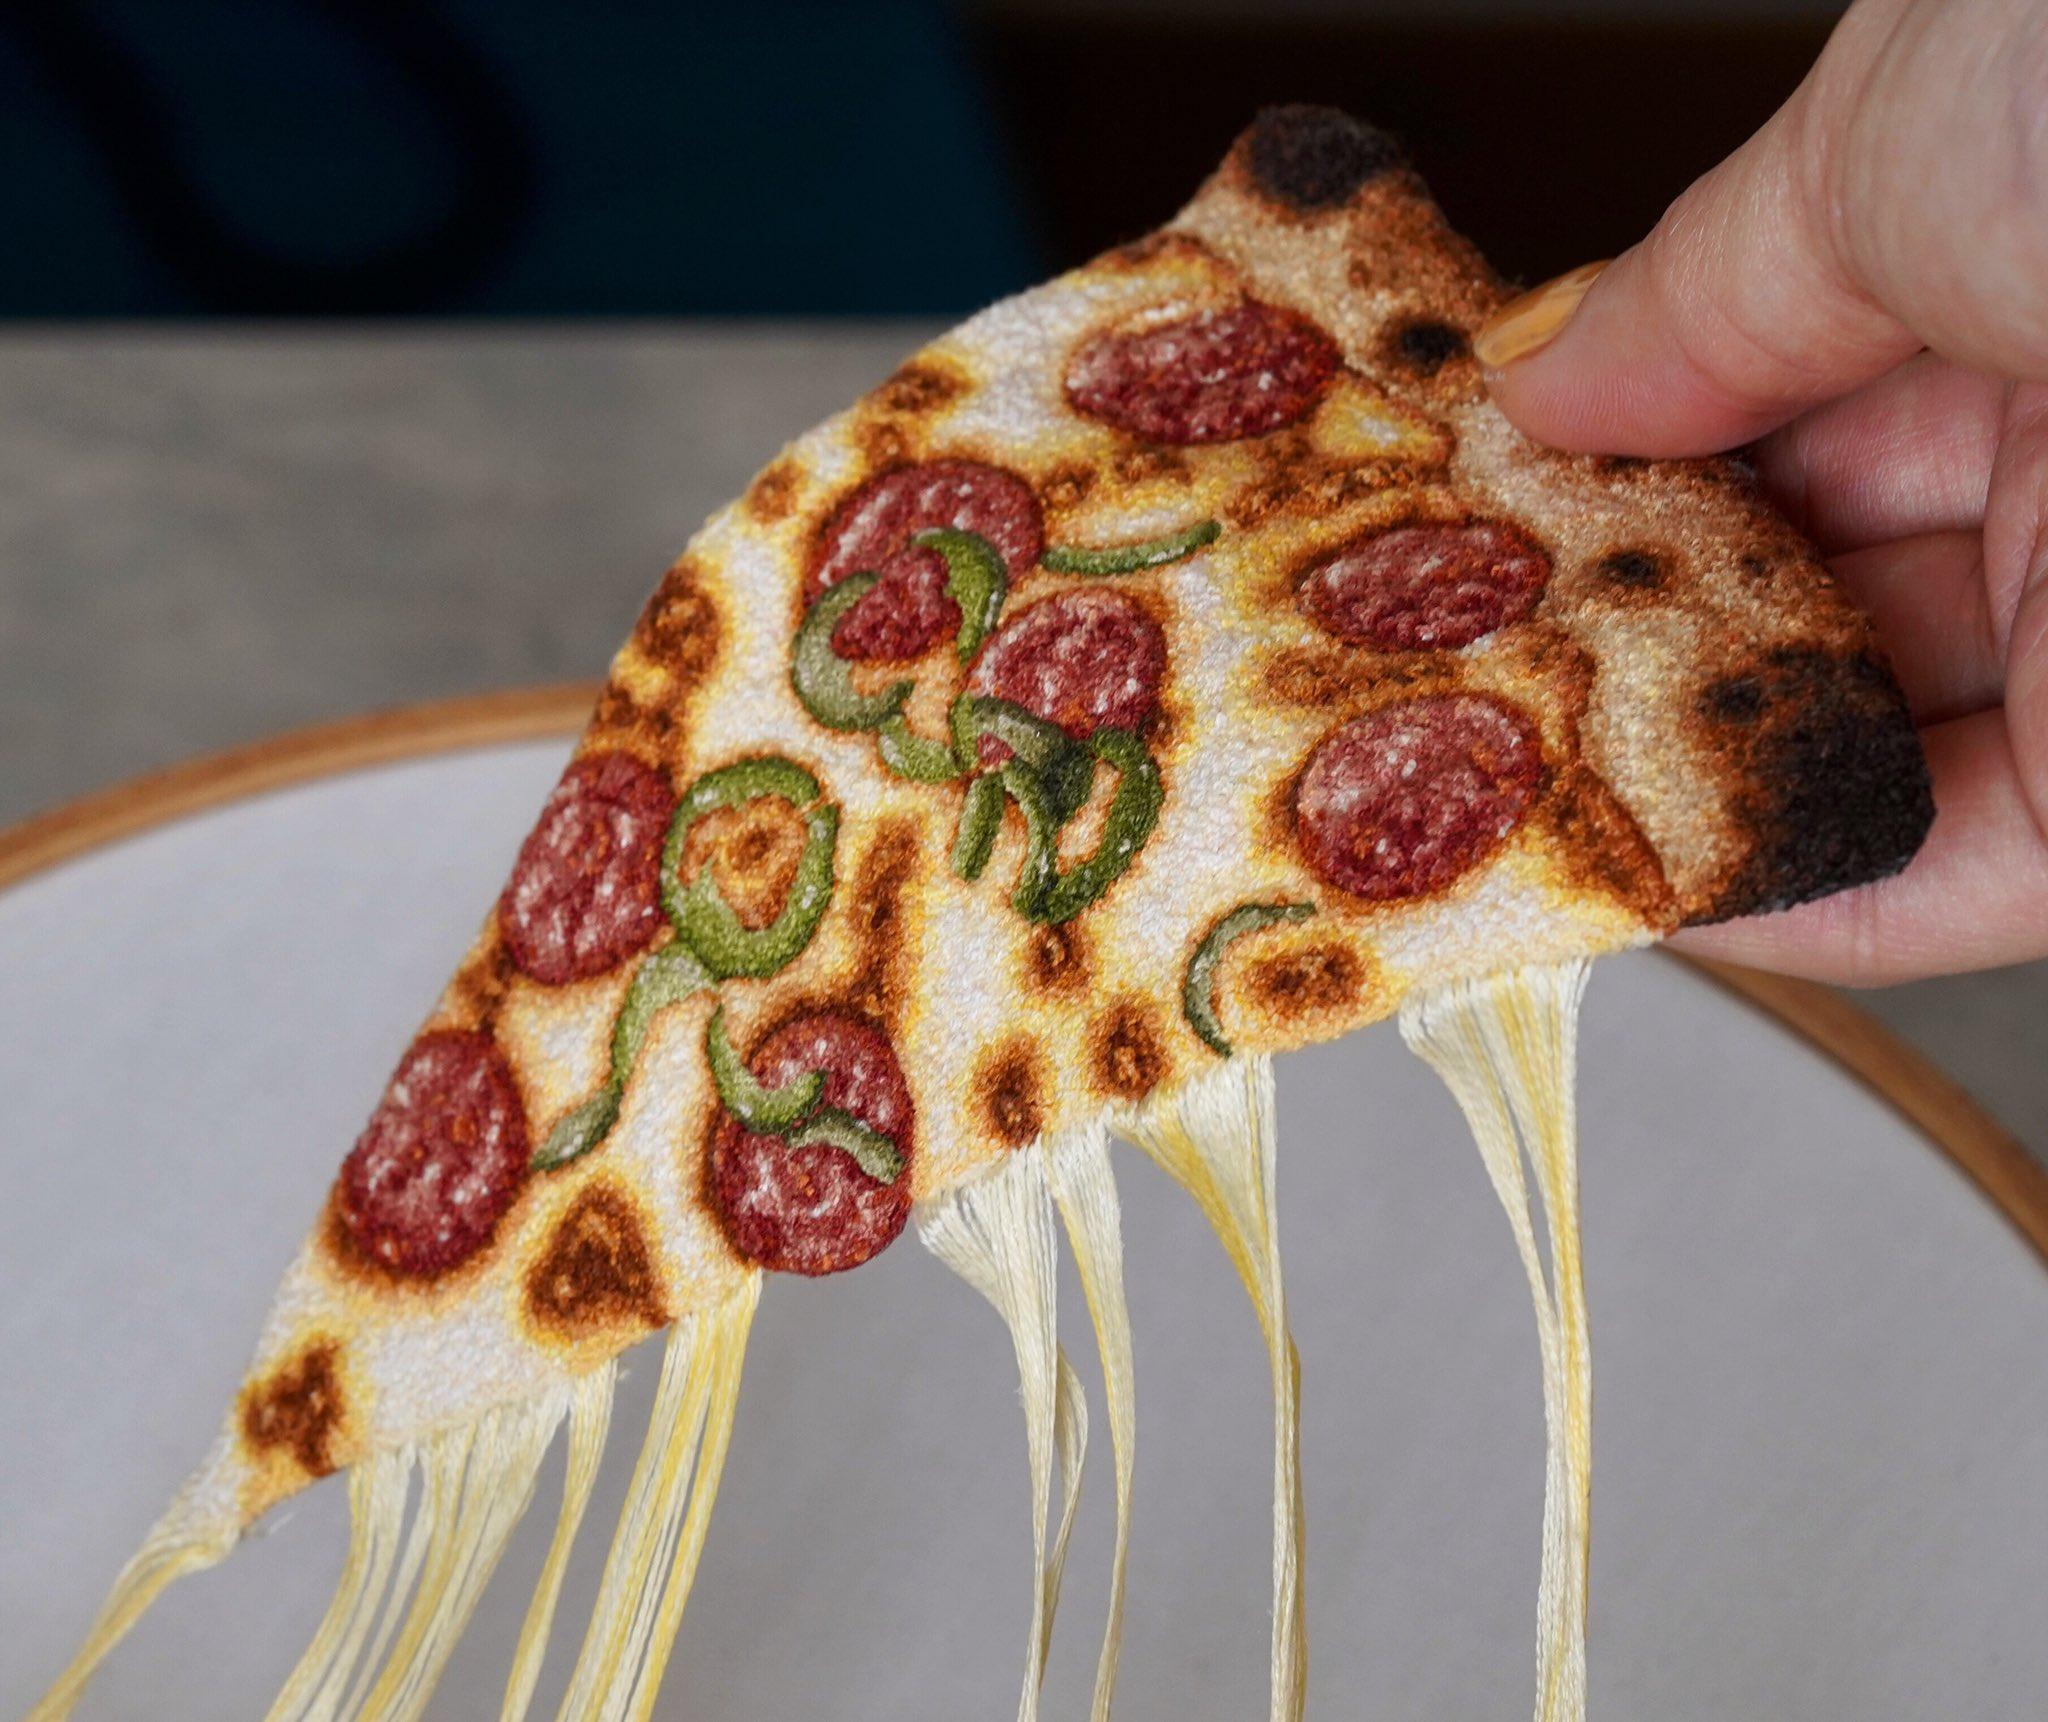 本物よりもそれっぽい?糸で作ったピザとチーズのクオリティが高すぎるww